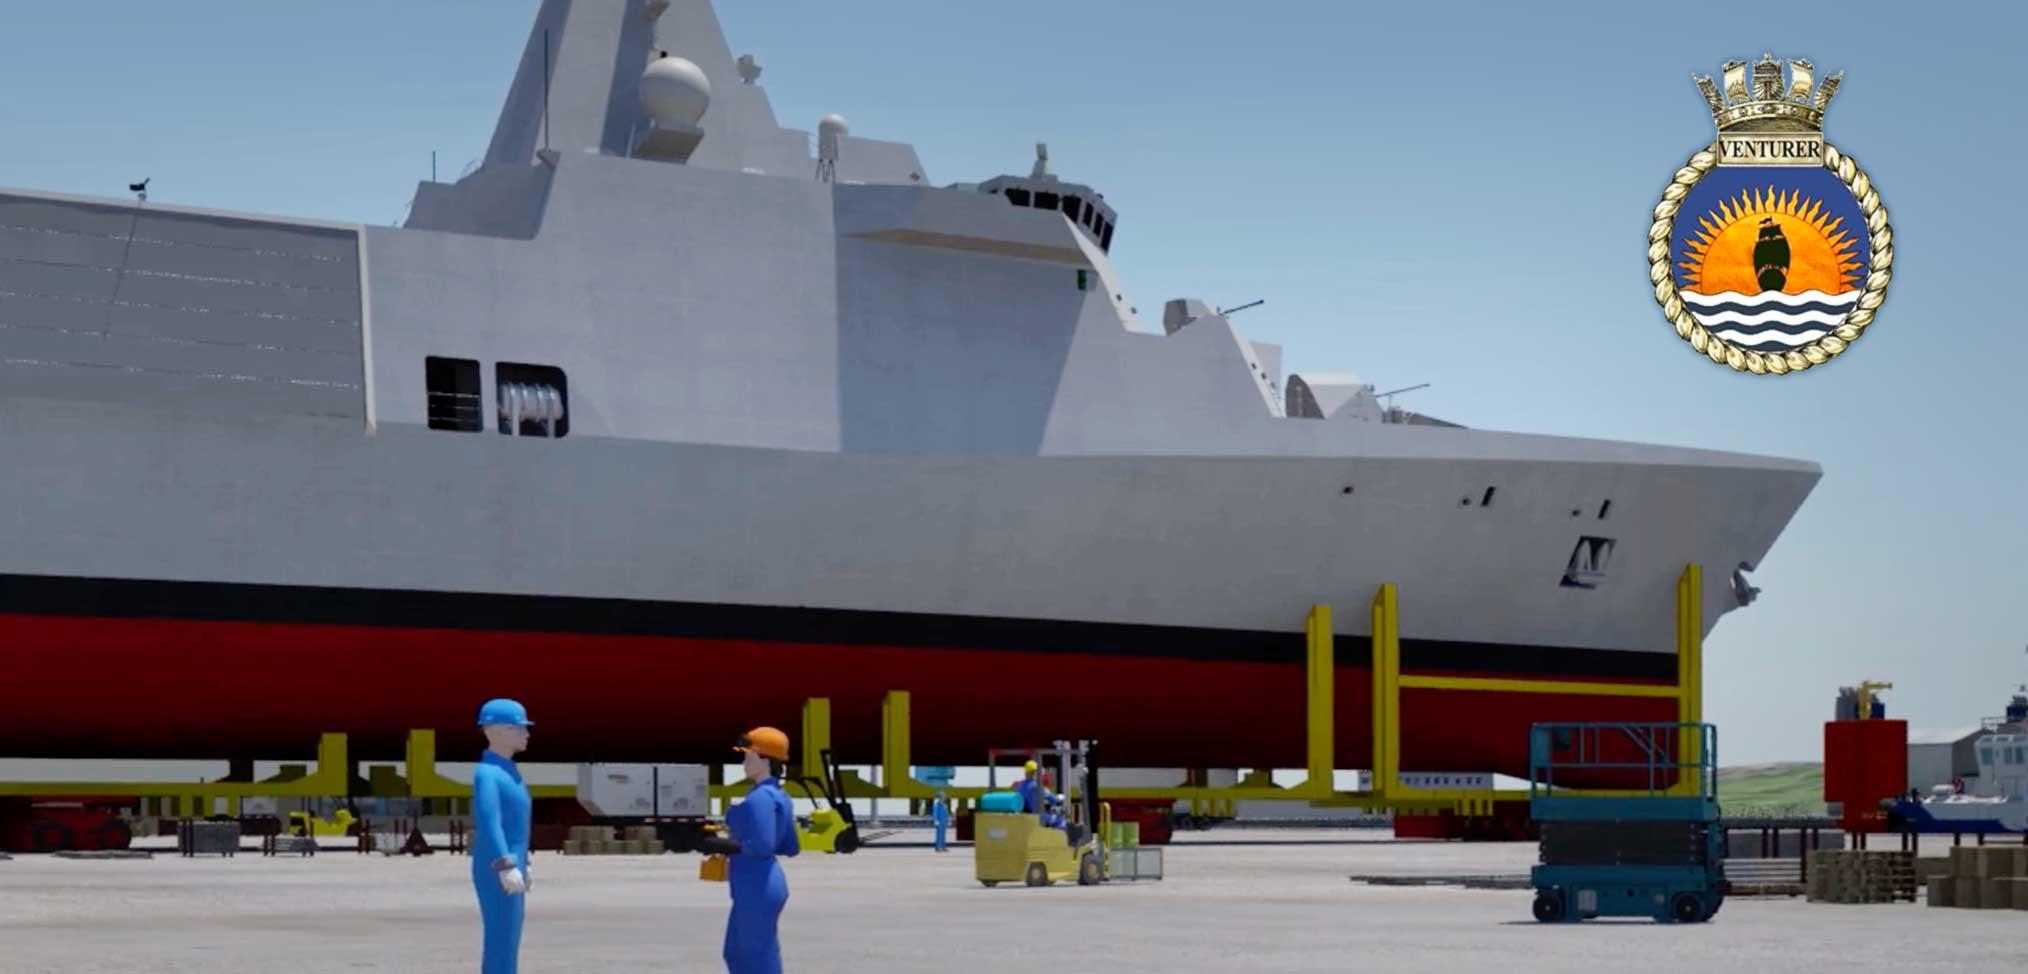 Steel cut for first Type 31 frigate – HMS Venturer